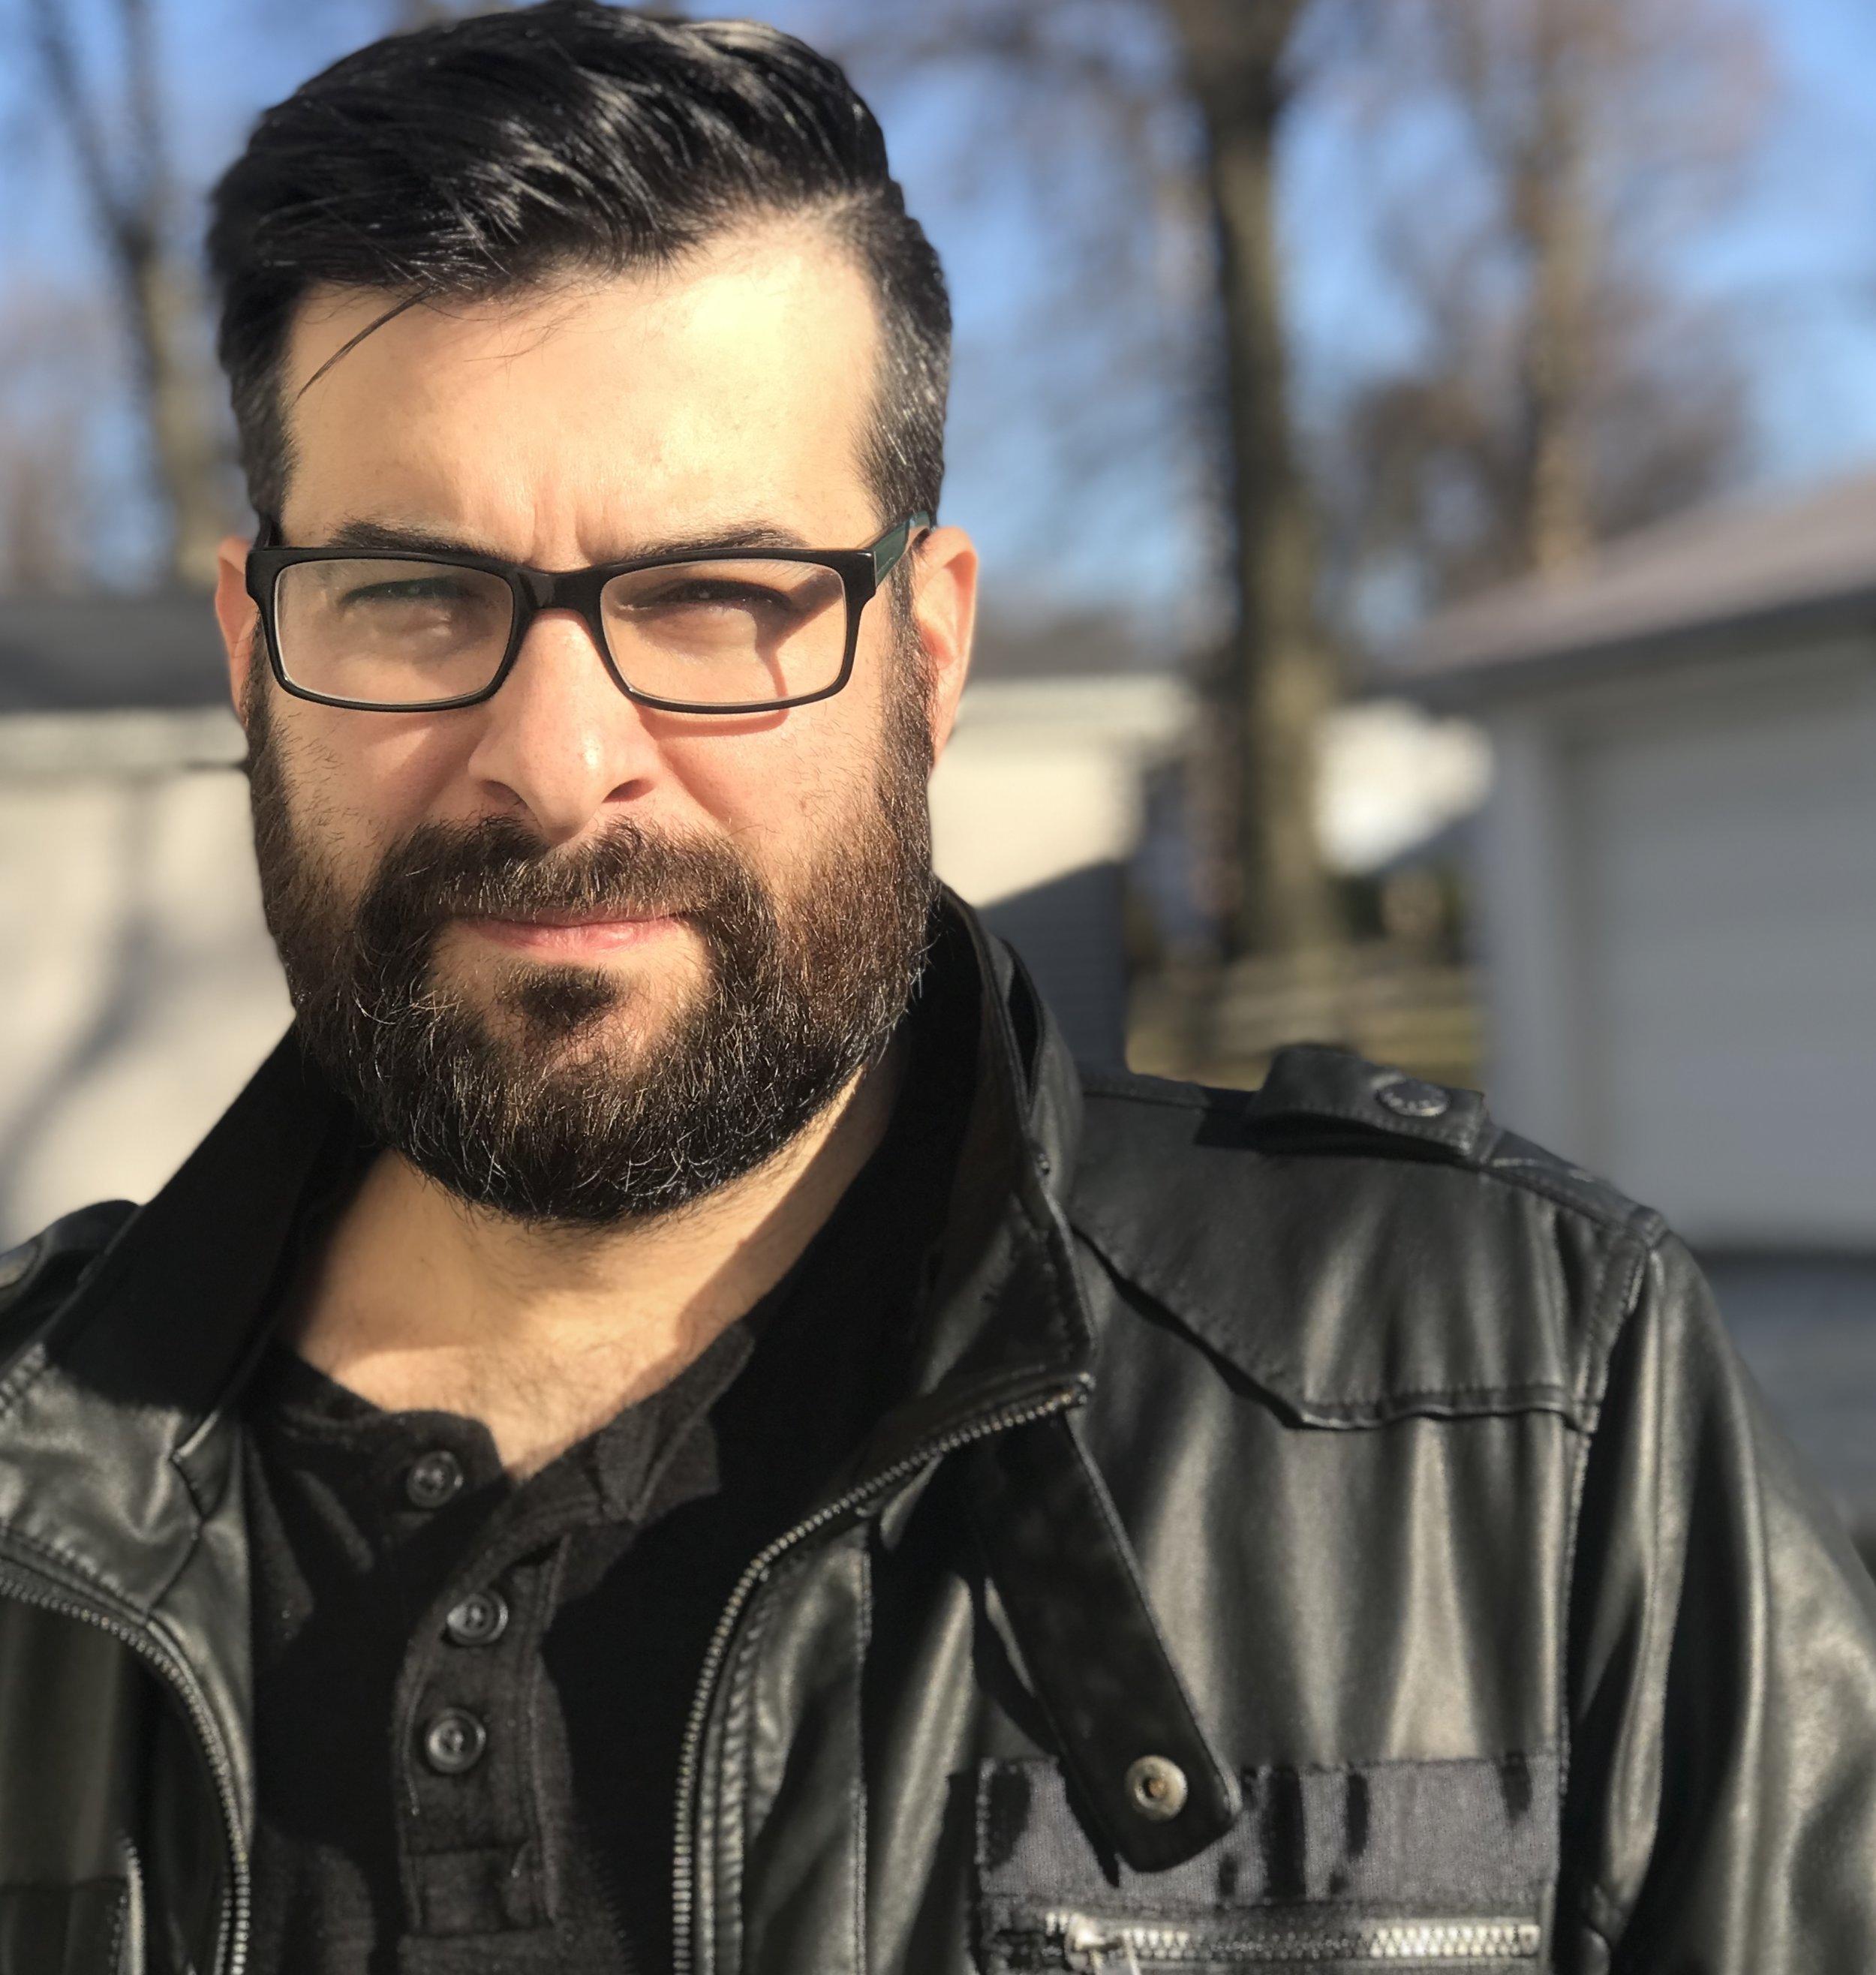 Filmmaker, Seth Breedlove